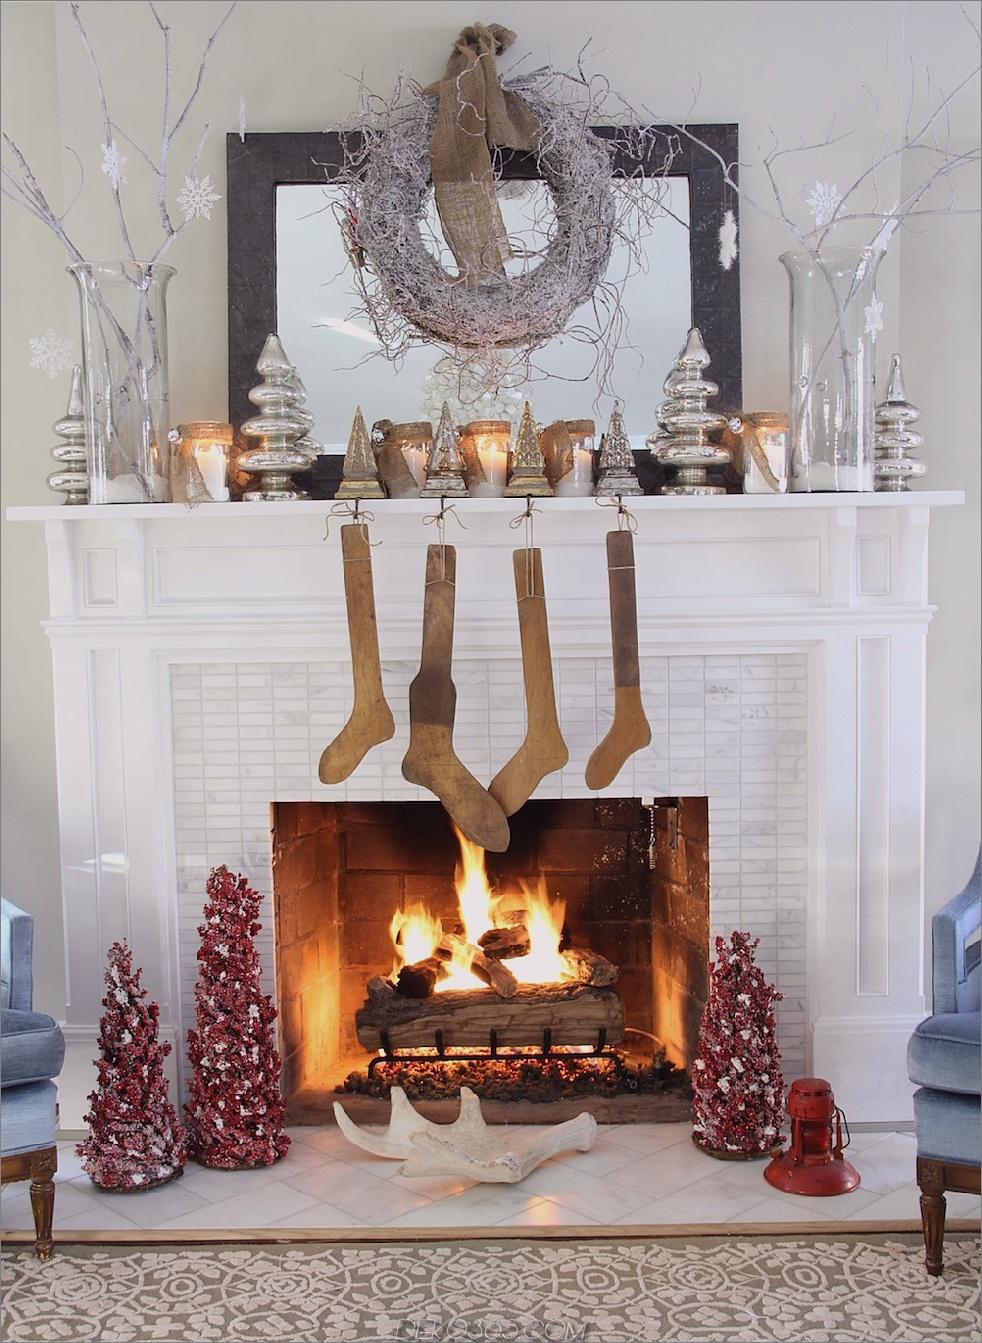 Mini-Bäume auf Kaminsims Mini Weihnachtsbaum Dekor, die eine ganze Menge Sinn machen